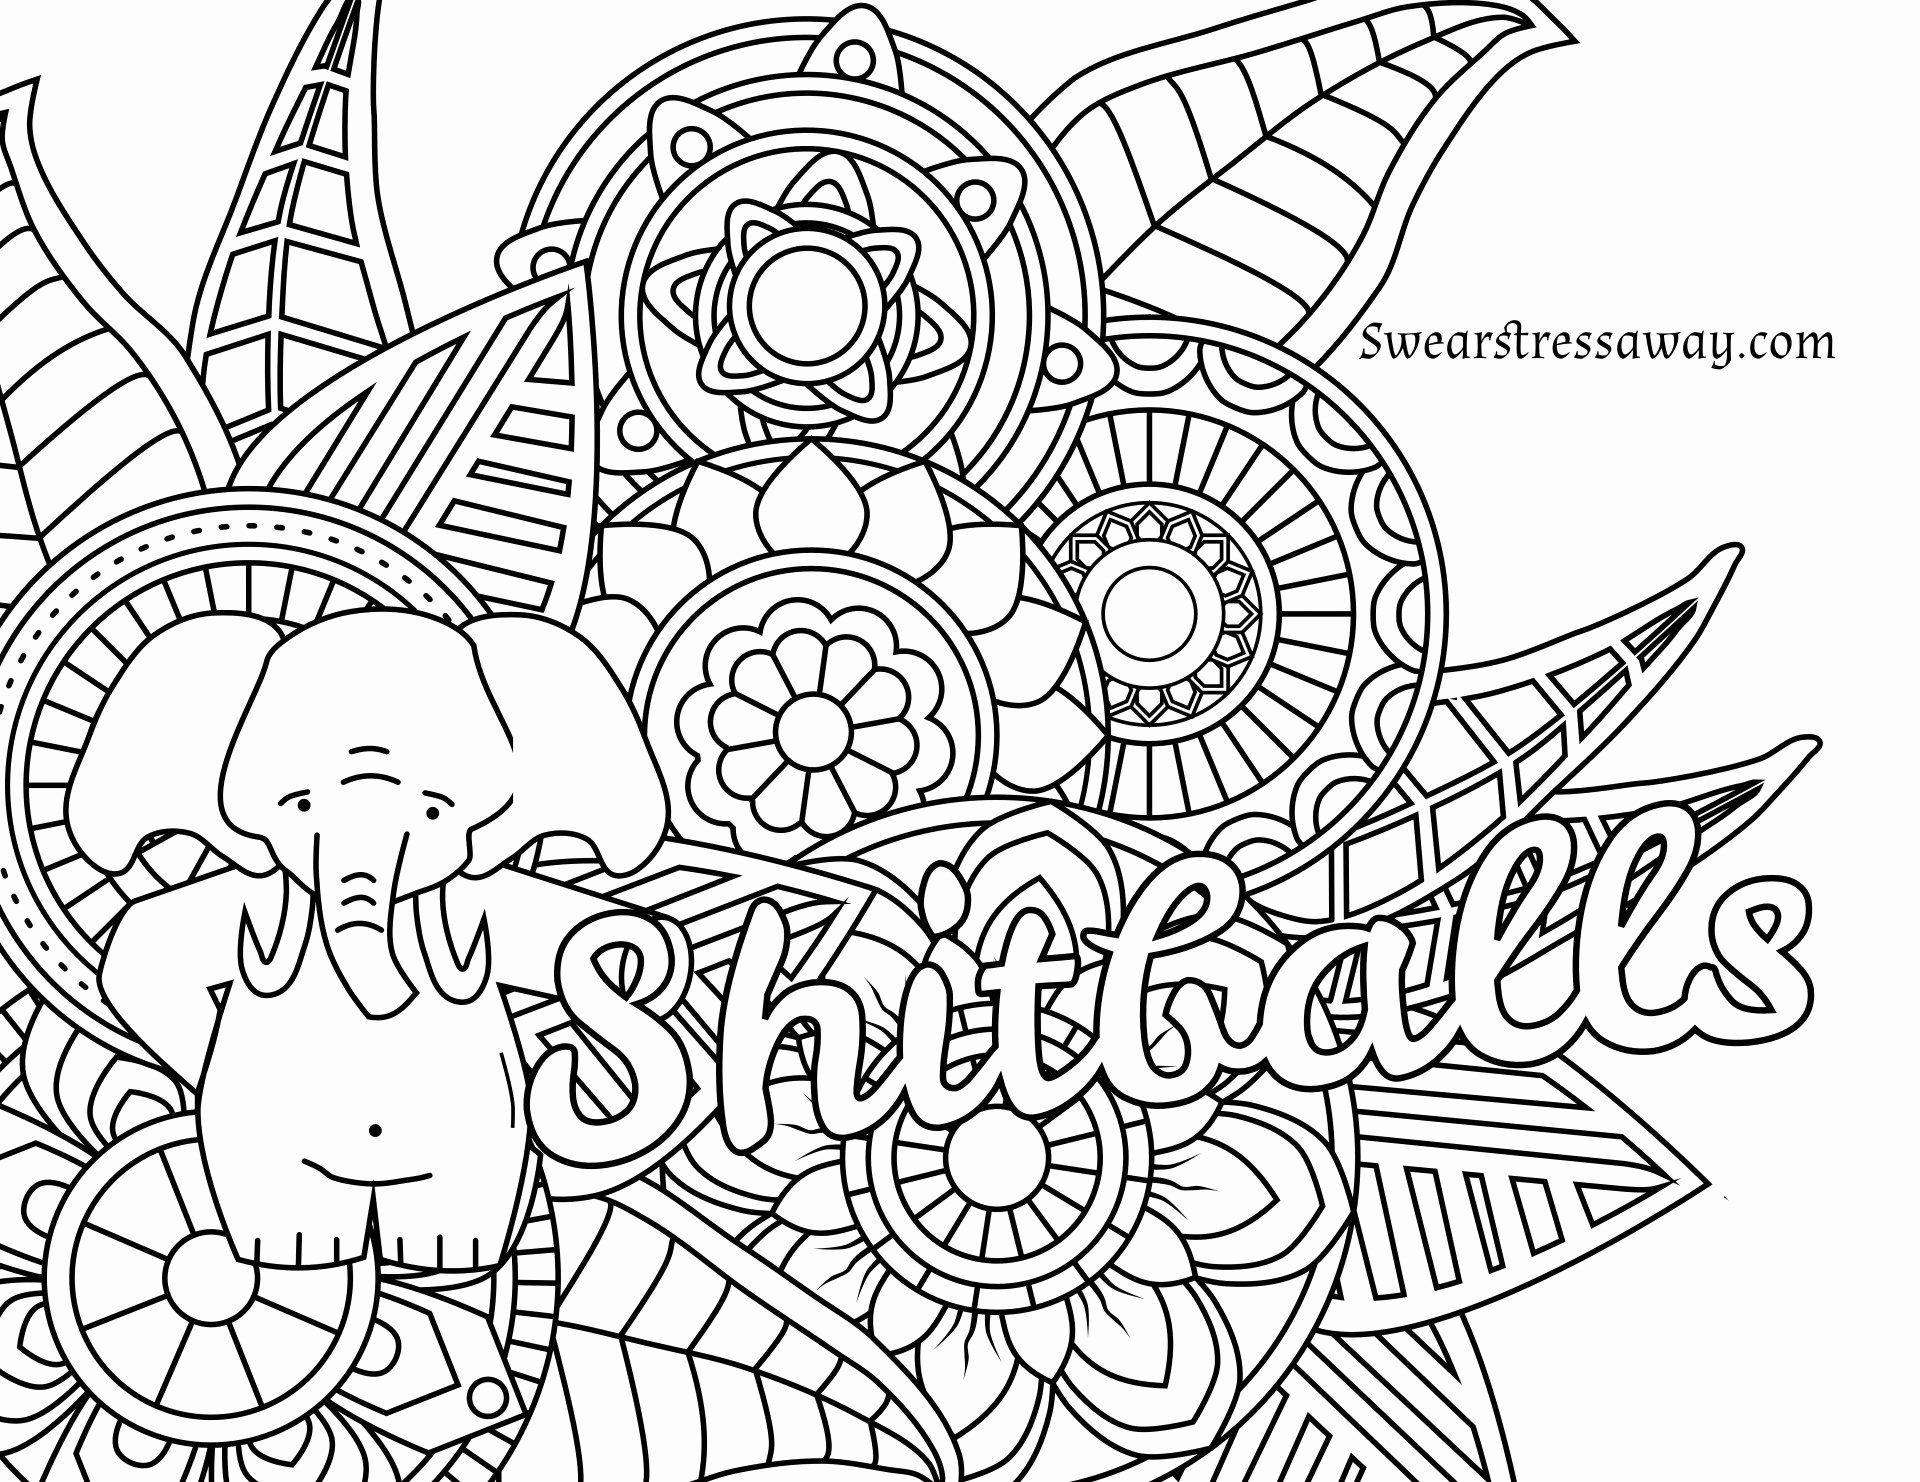 Cute Narwhal Coloring Page Di 2020 Dengan Gambar Buku Mewarnai